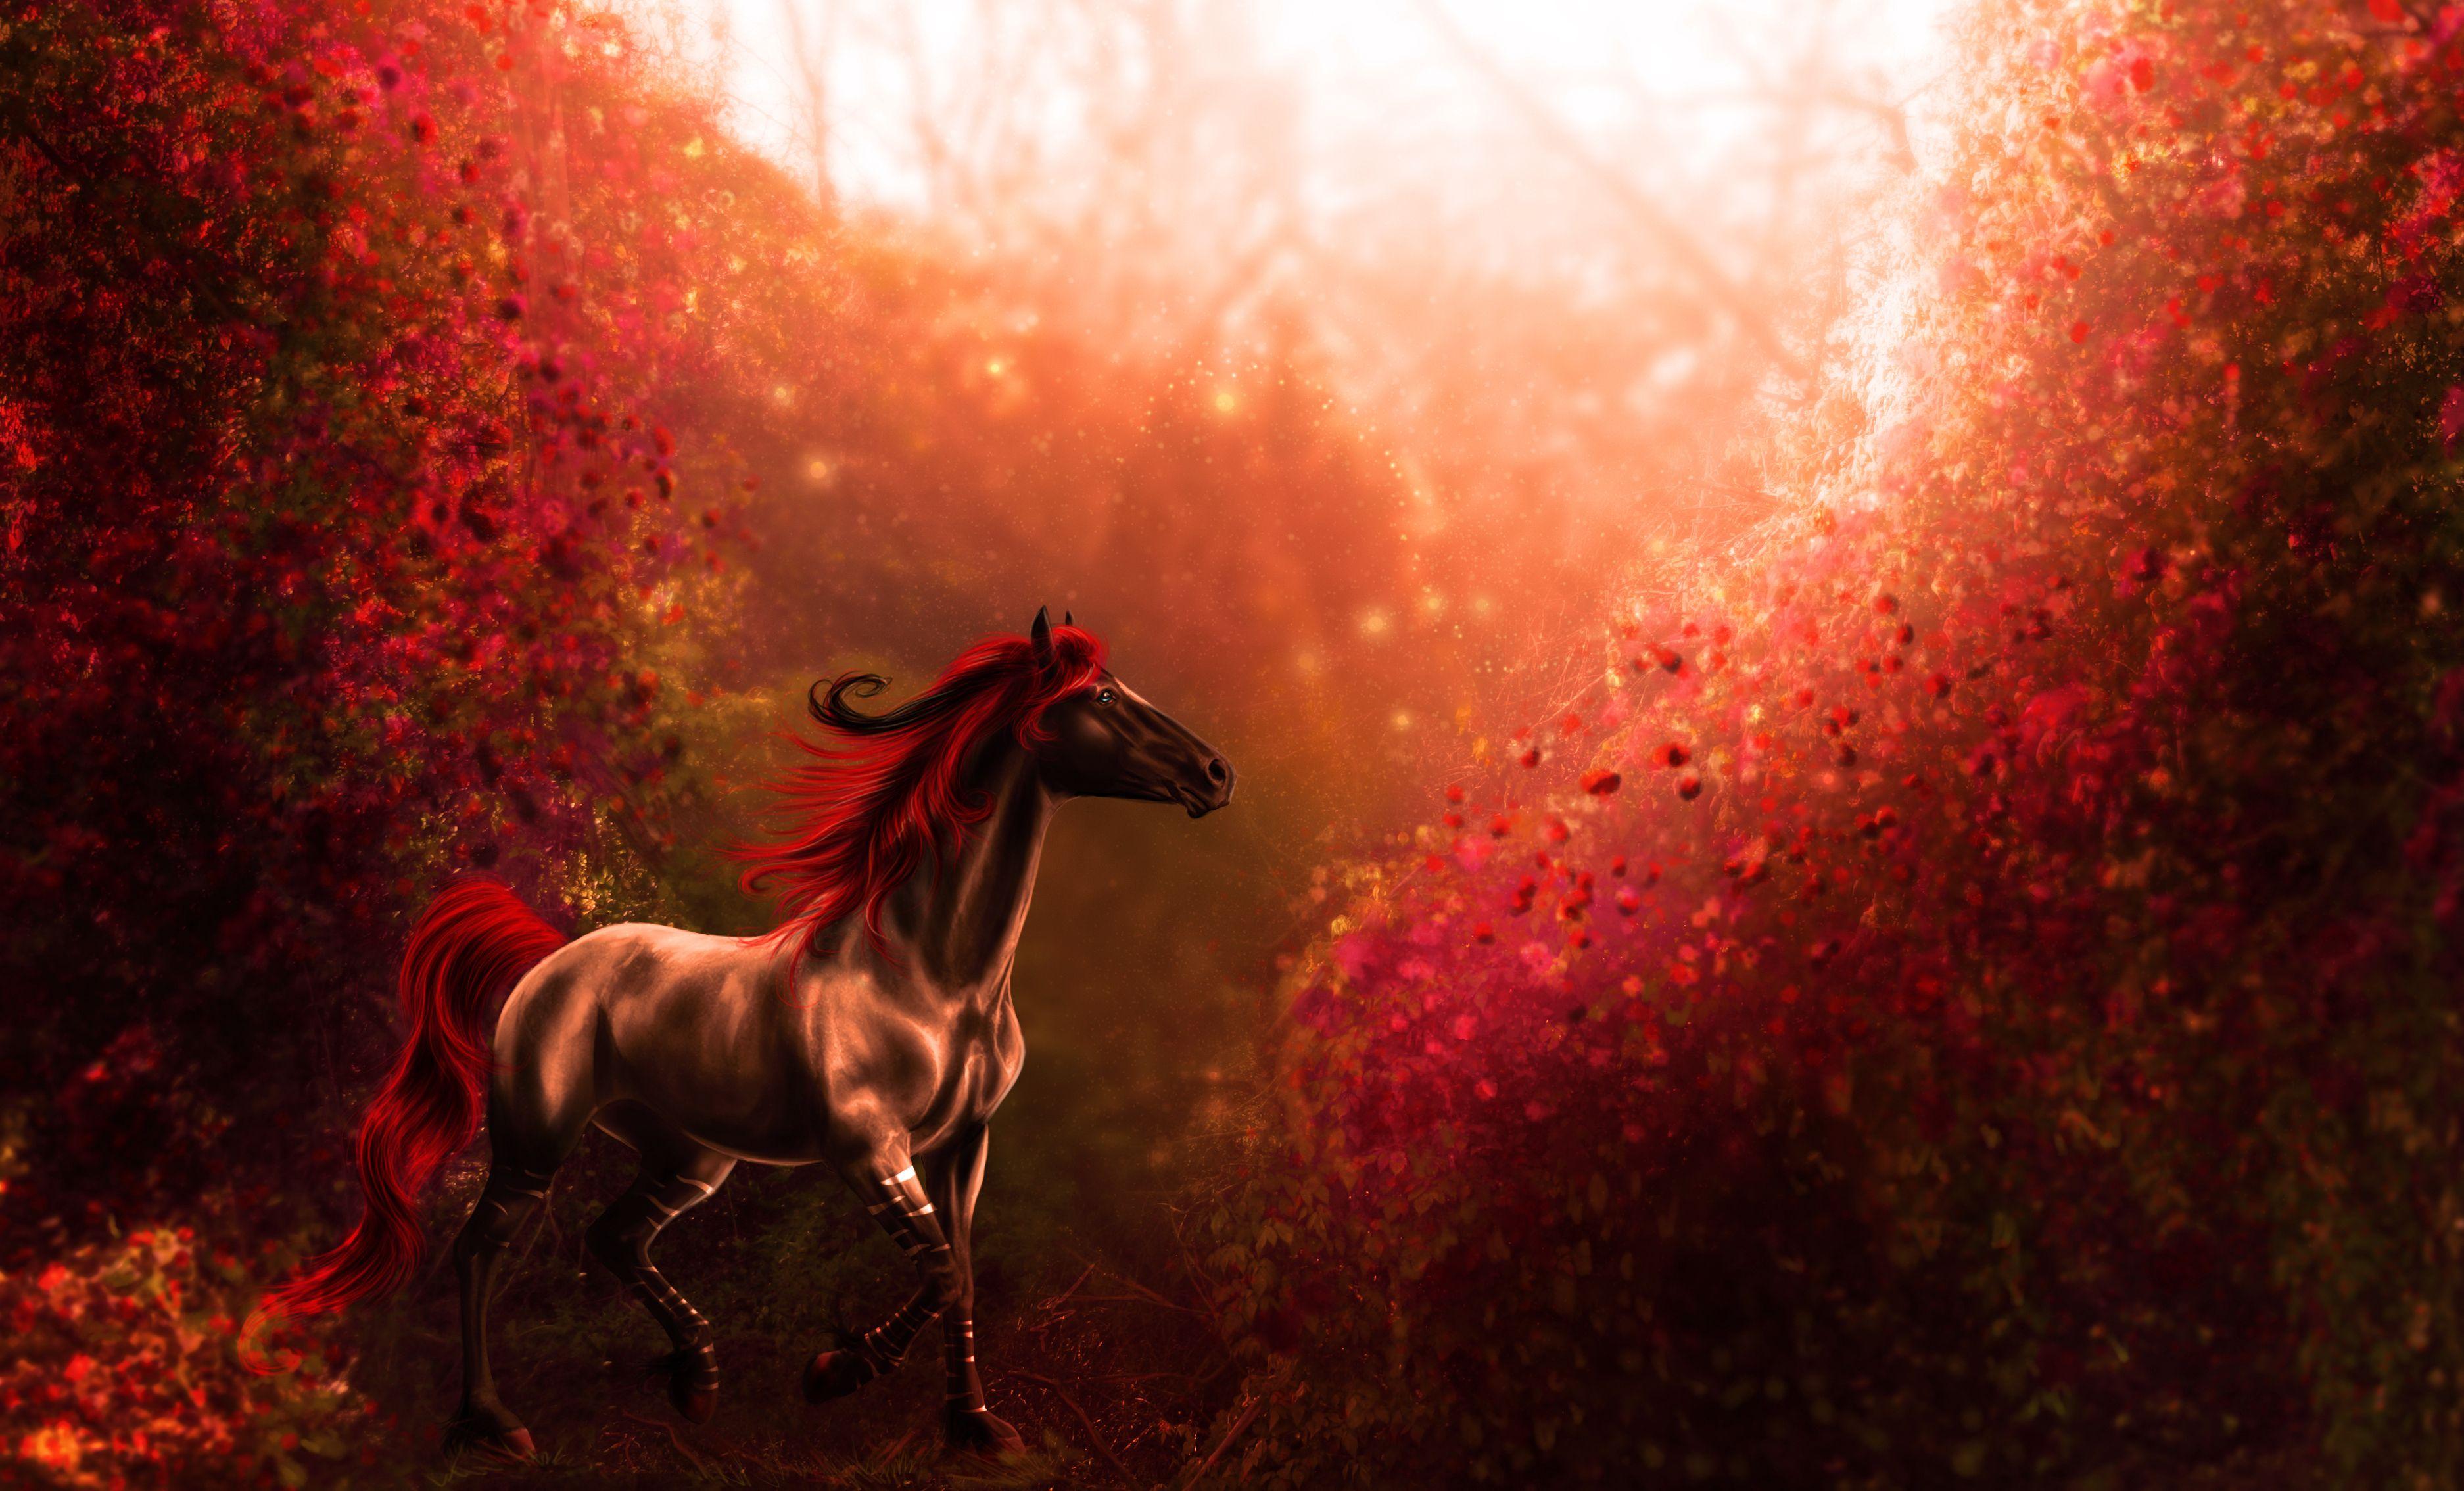 Horse wallpaper | 3748x2268 | 151739 | WallpaperUP